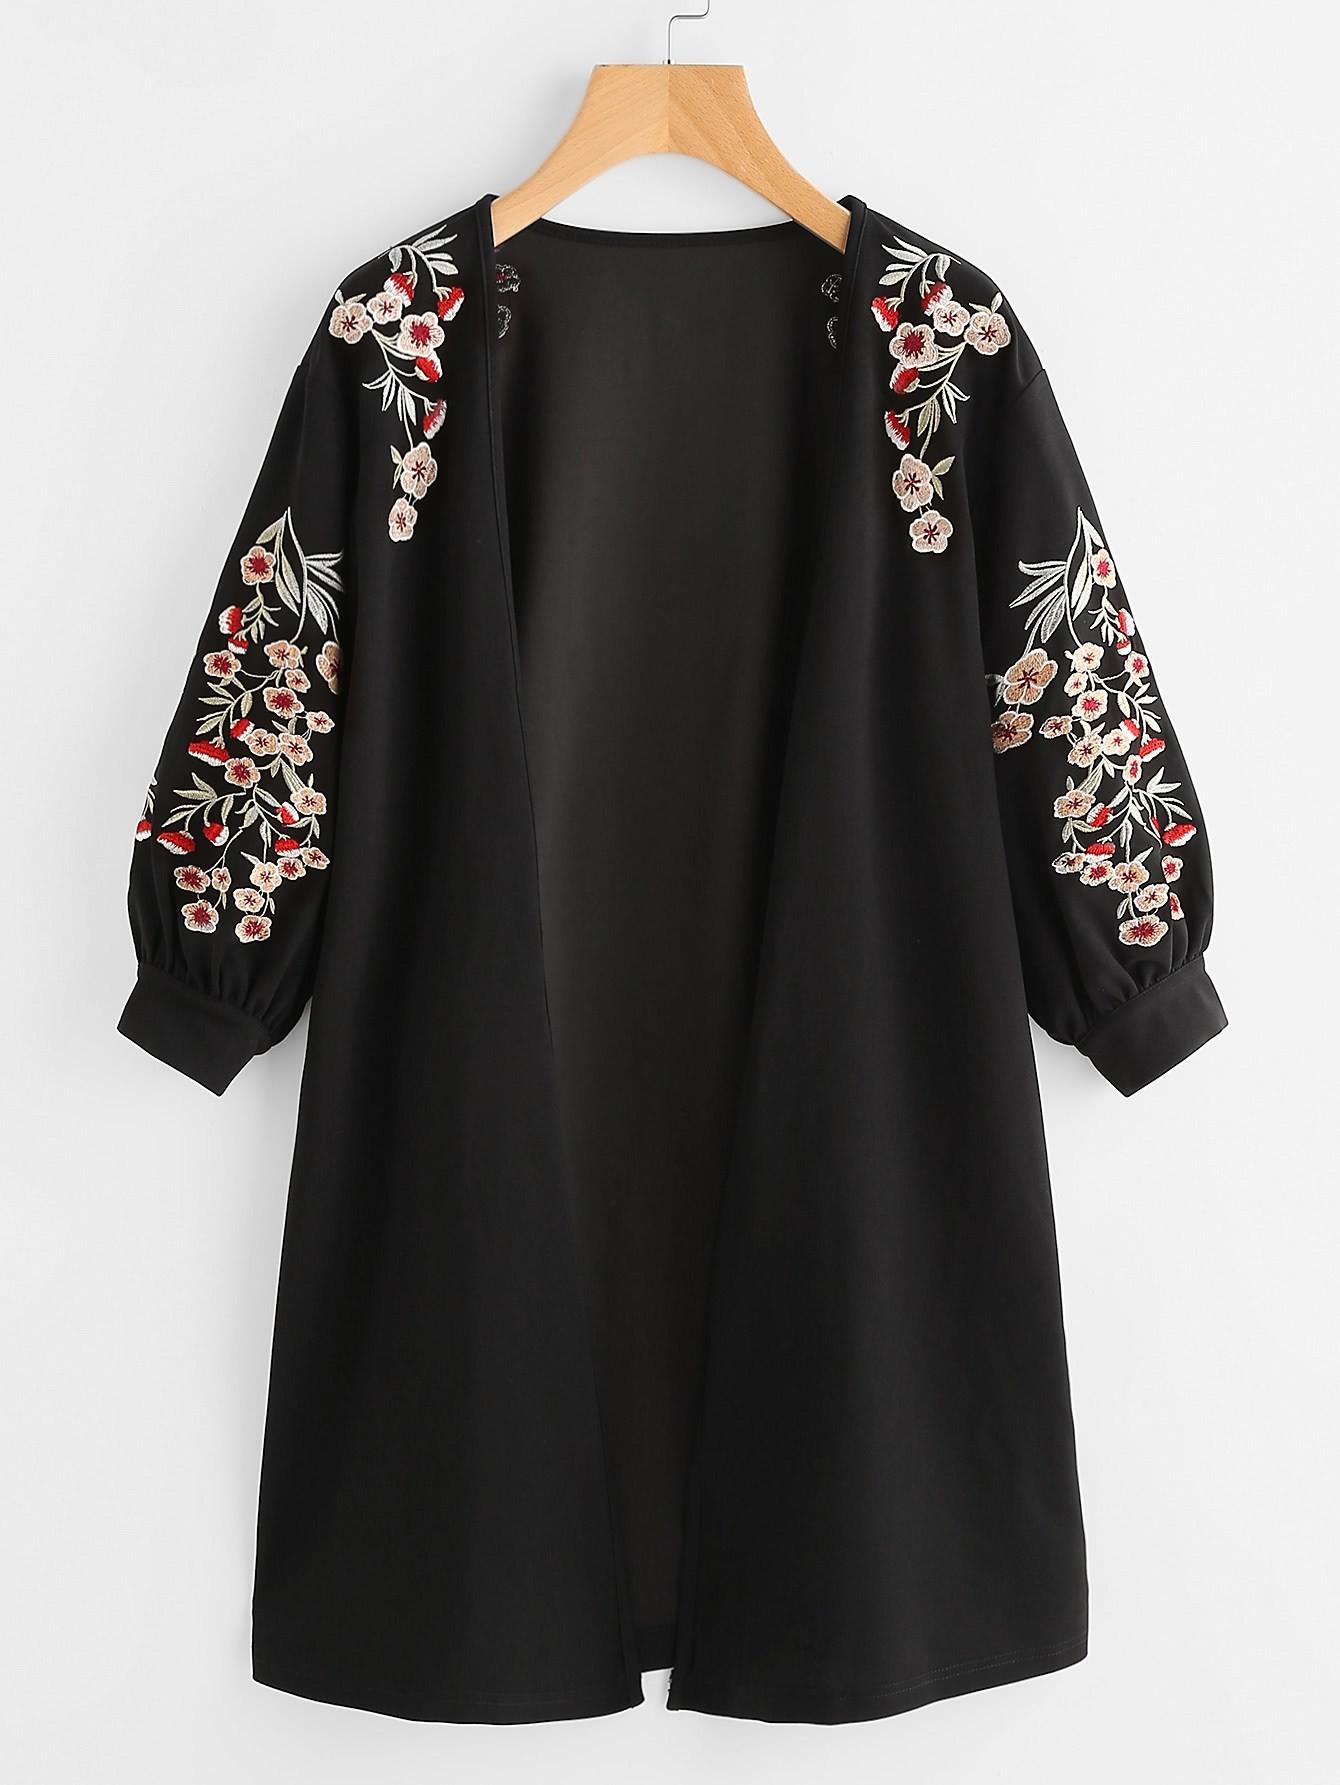 Модный кардиган с вышивкой, рукав-фонарик